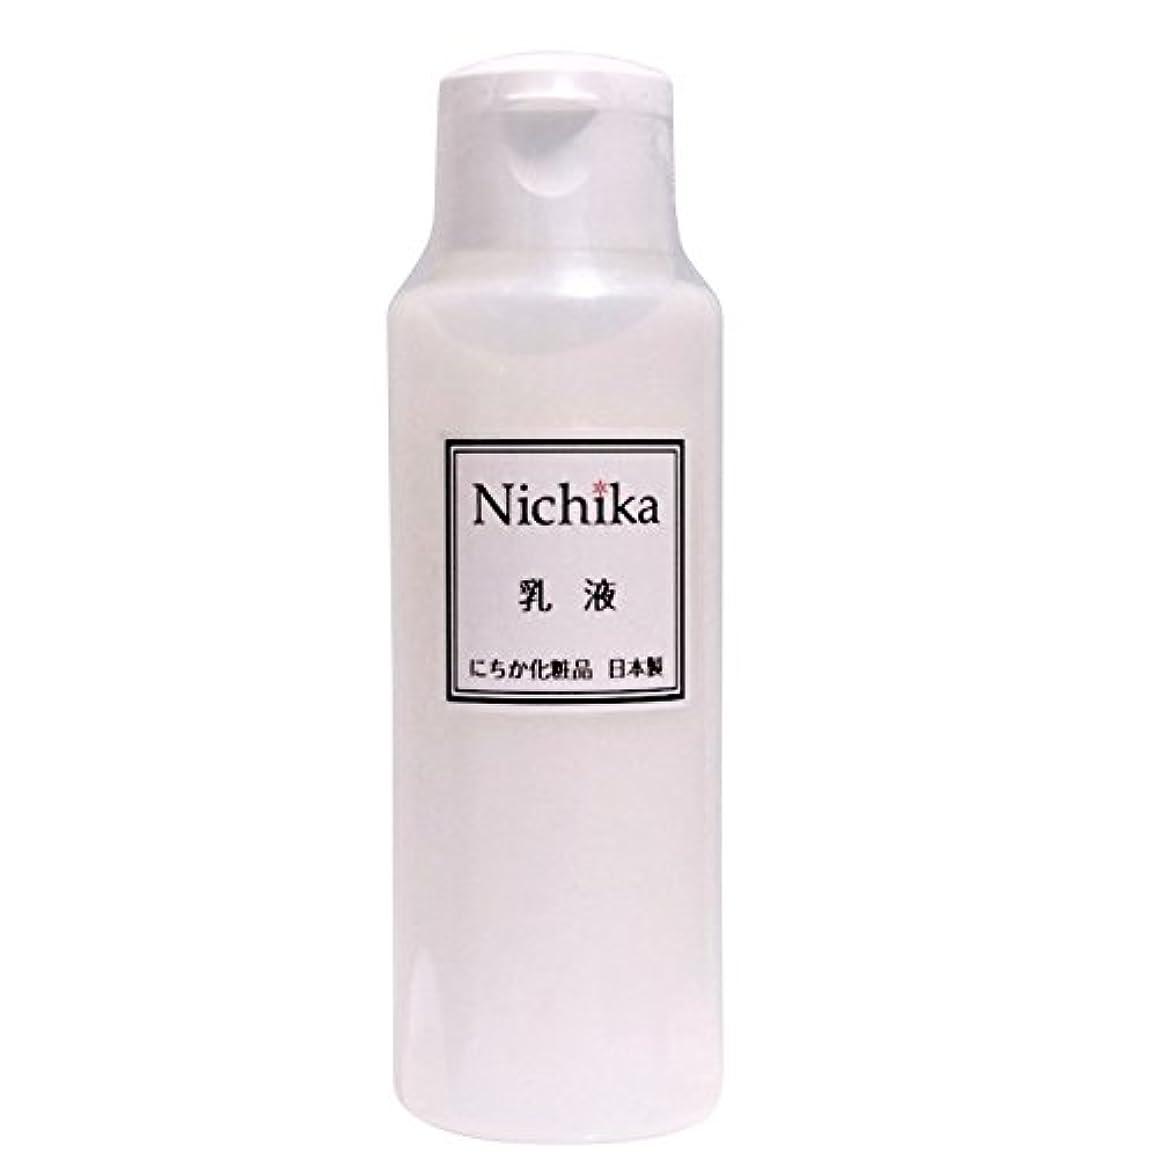 適応本物のパシフィックにちか乳液 内容量100ml 日本製 『ワンランク上の潤いハリ肌』を『リーズナブル』に。  ヒアルロン酸の1.3倍の保水力があるプロテオグリカン配合。 素早く水分と油分の膜を作り、うるおい成分を肌に届け 水分と油分のバランス...